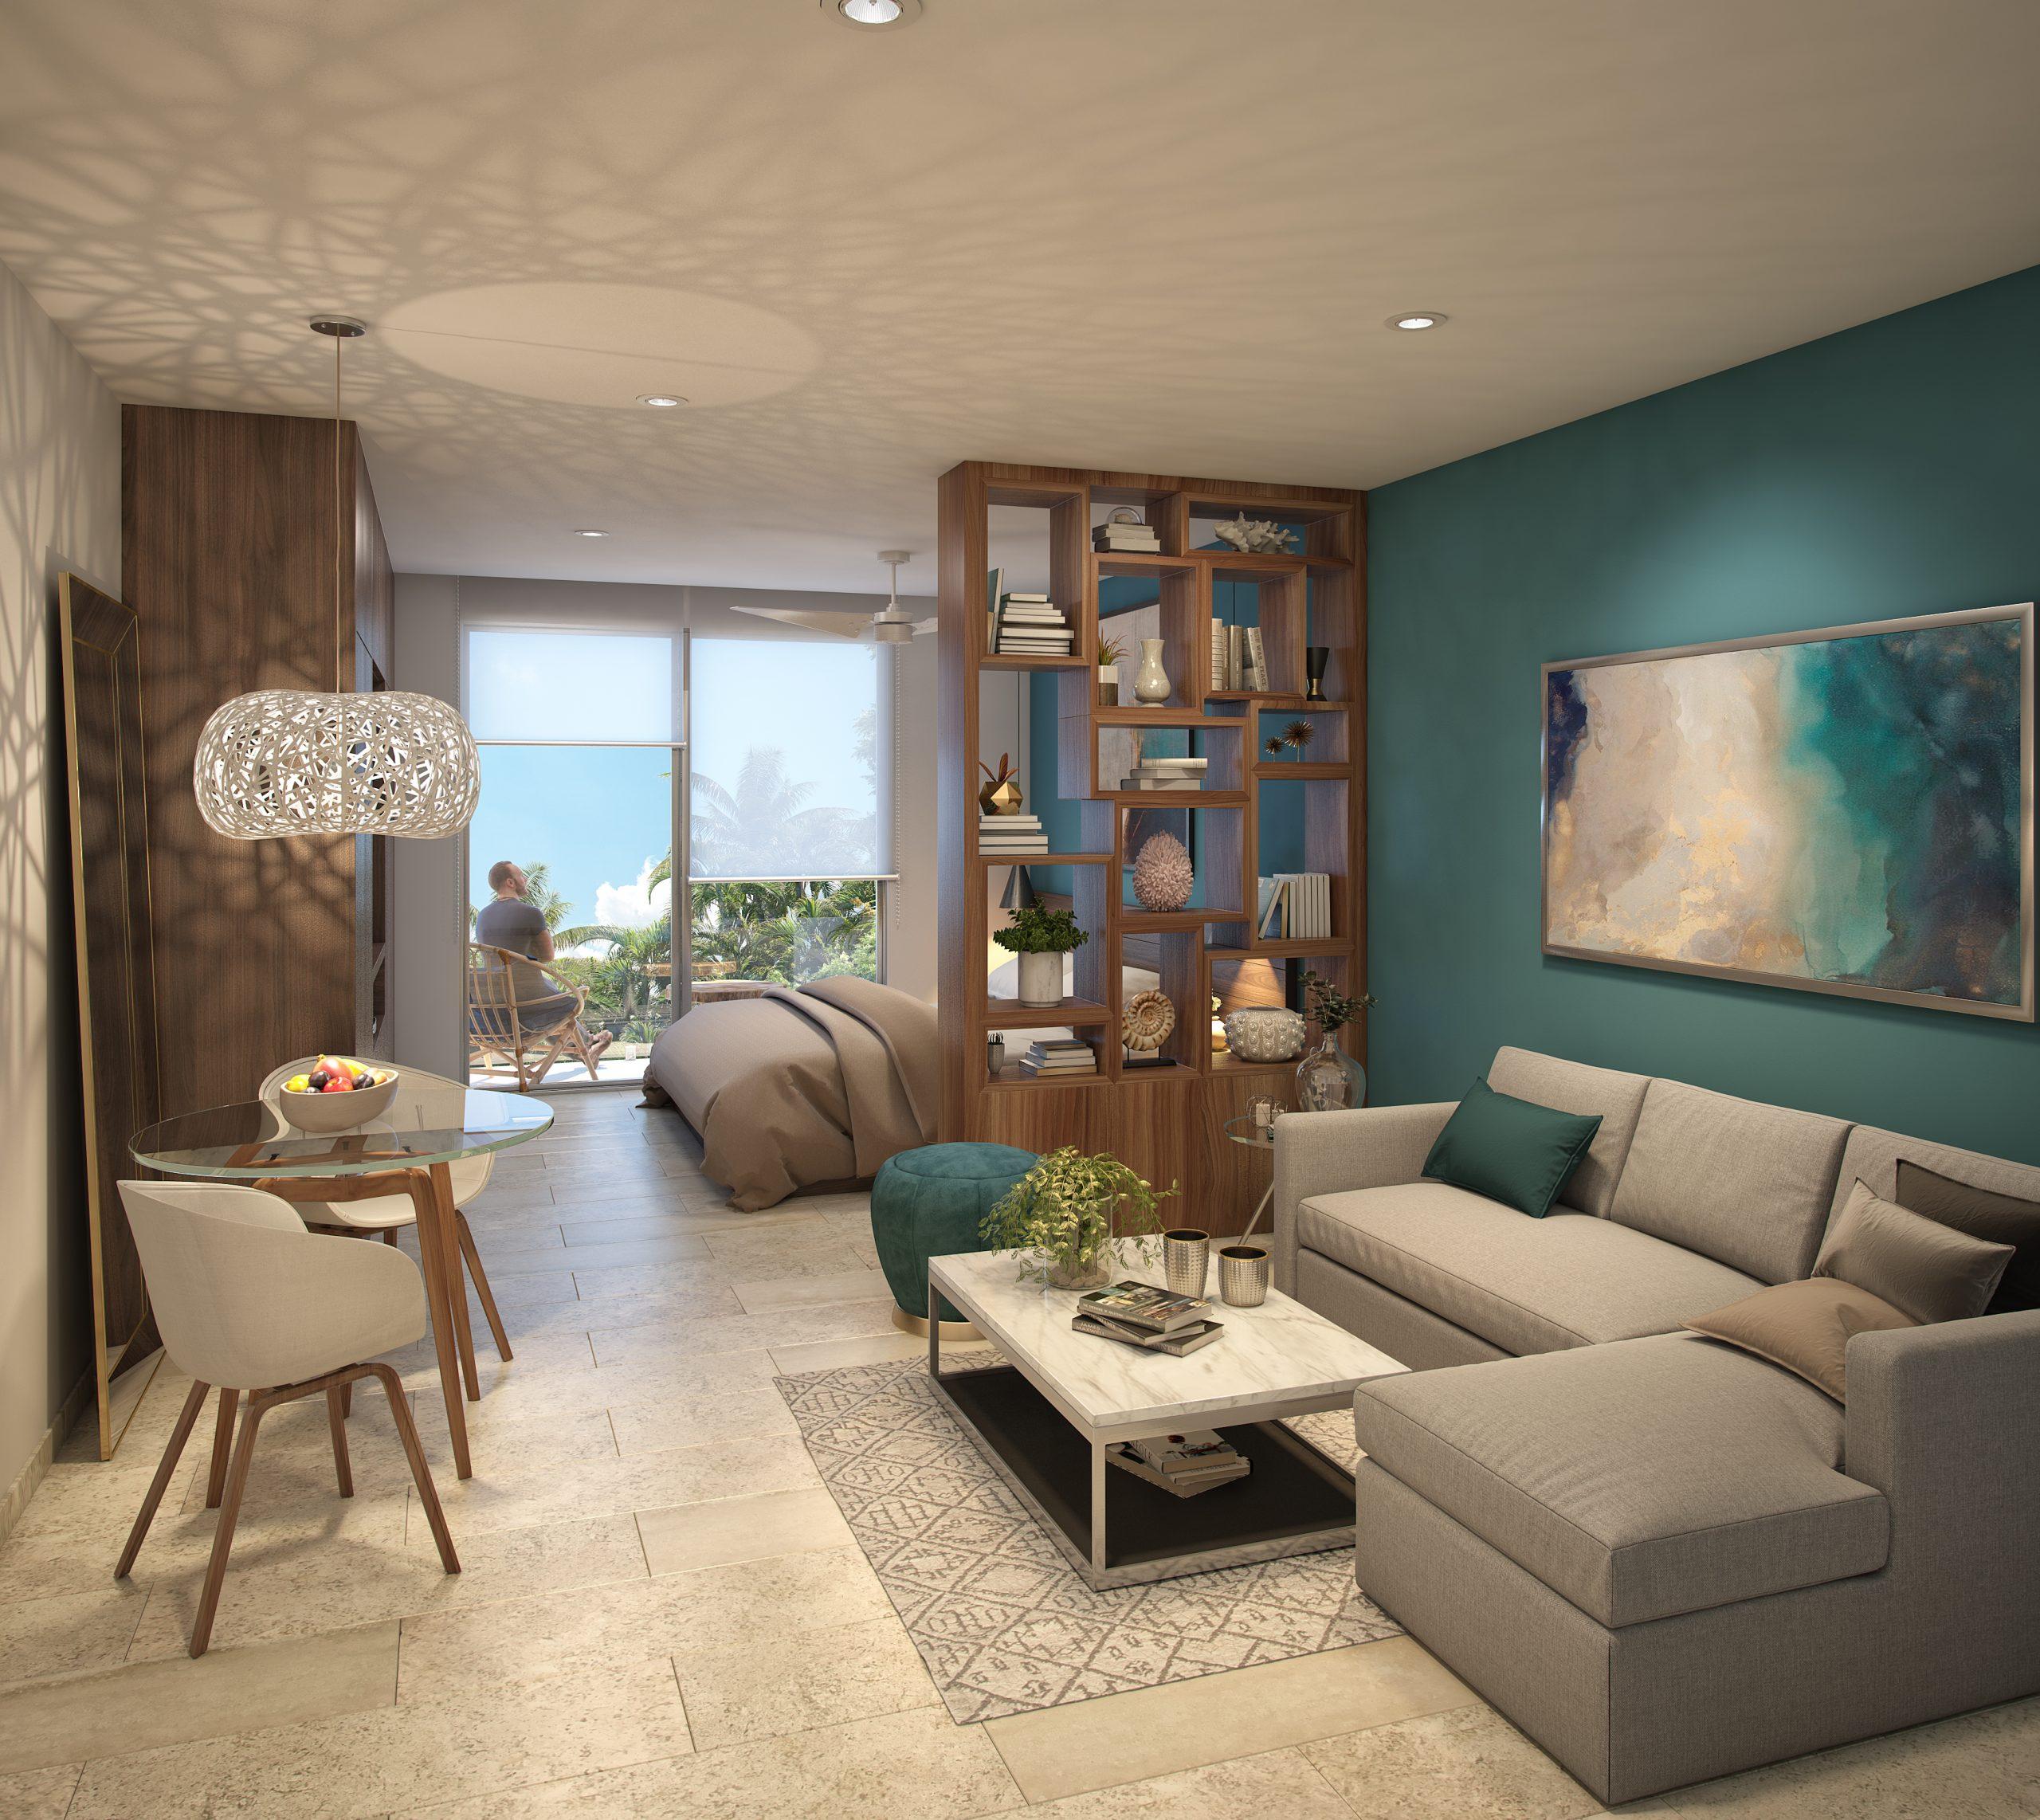 03 - DEPARTAMENTO 205 - PIEDRA AZULL - Pelicano Properties - Playa del Carmen